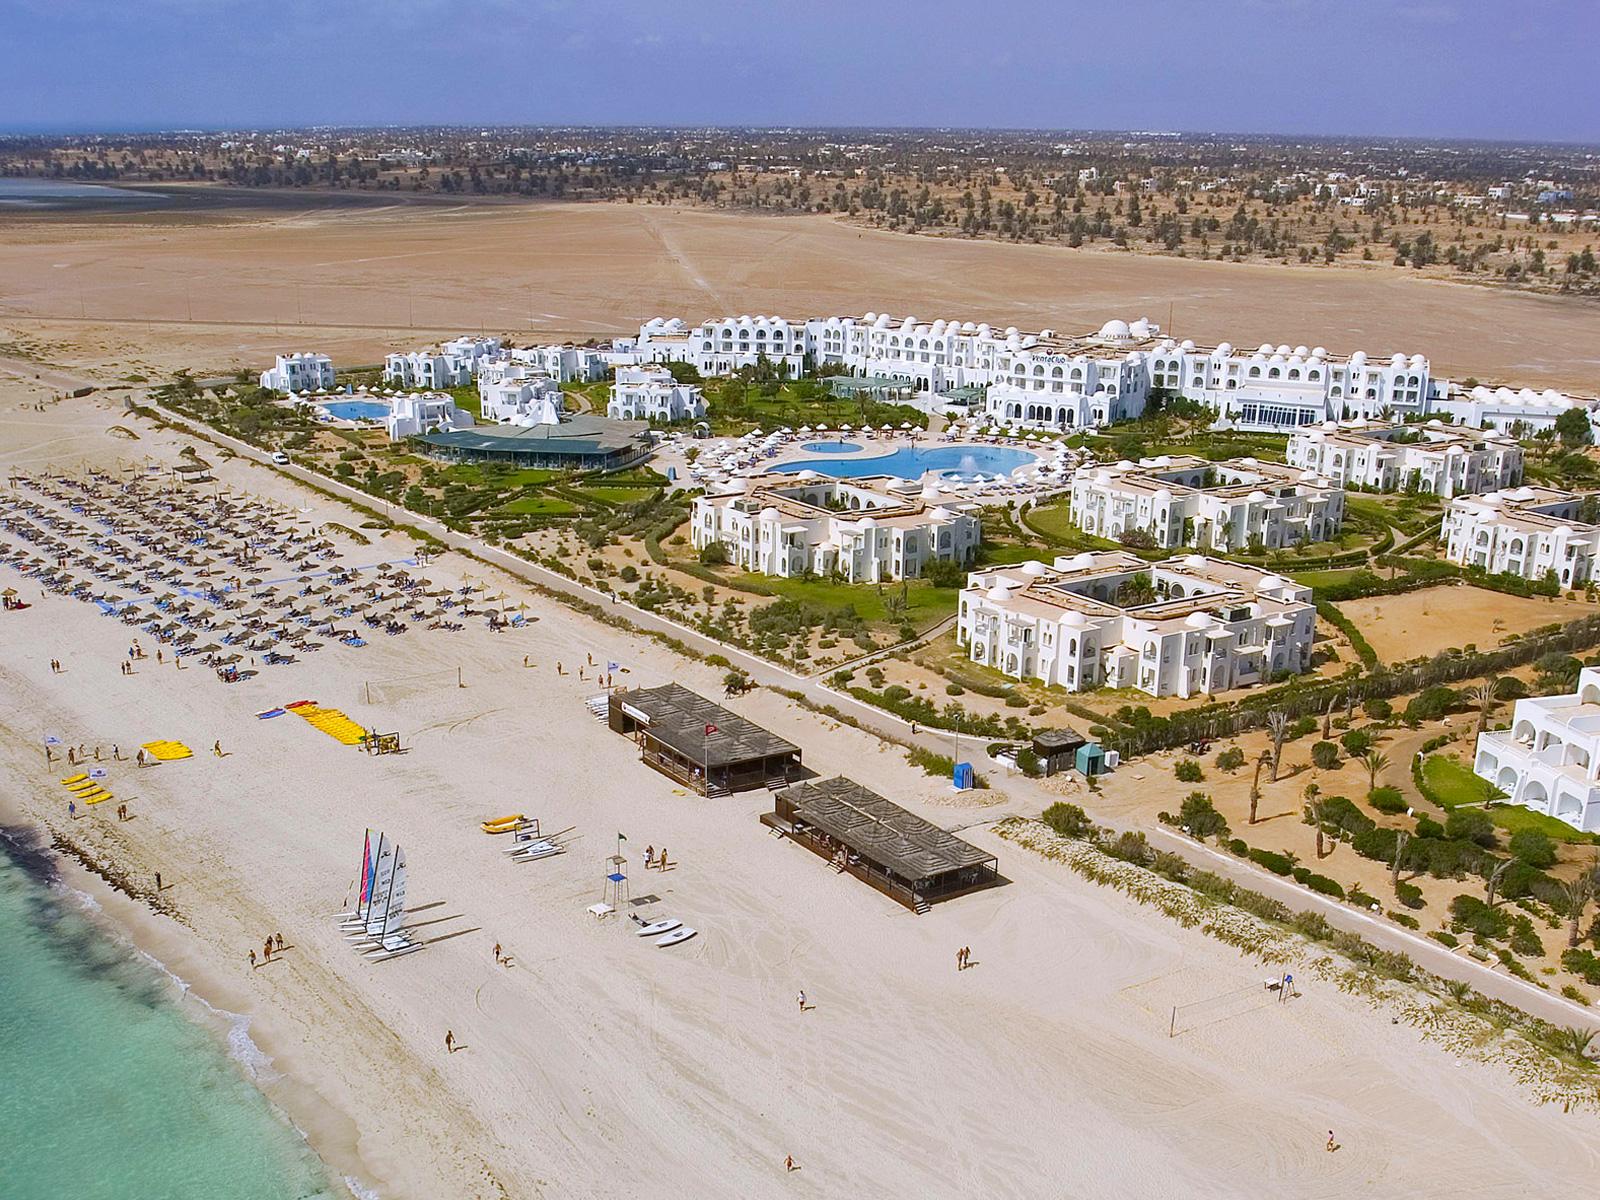 Aérea - Vincci Hélios Beach 4* Djerba